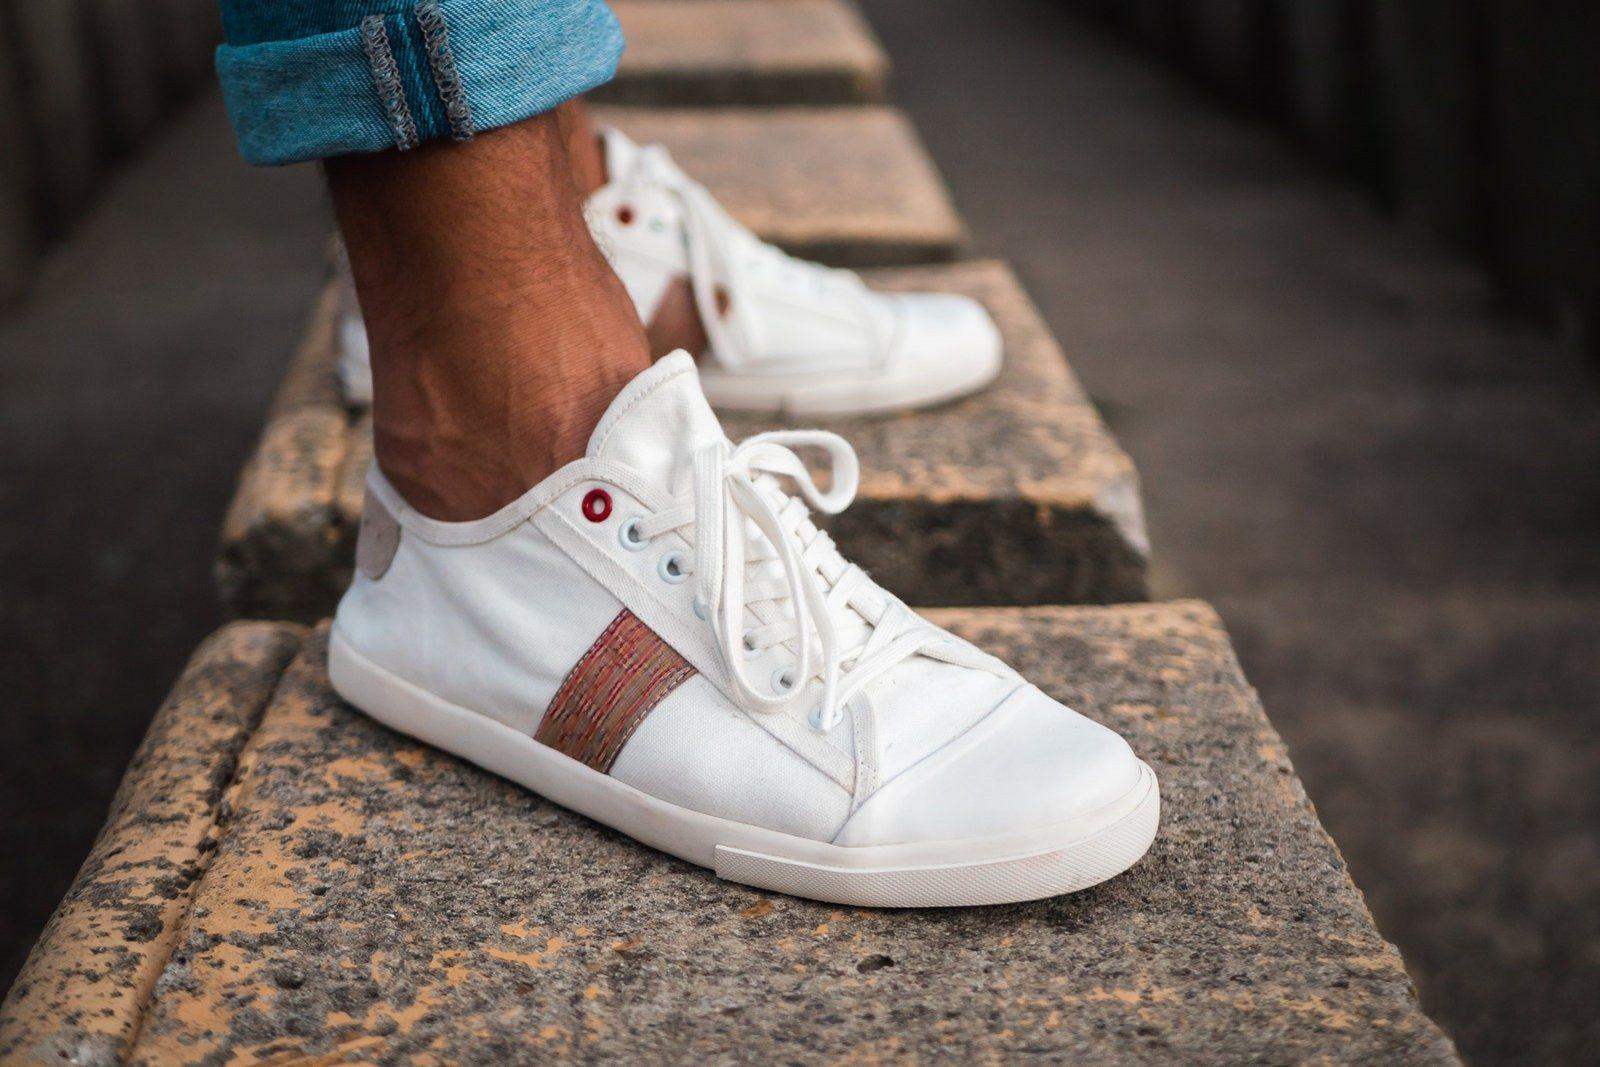 WiWi Shoes - Sneakers en coton biologique certifié GOTS et semelle en pneu recyclé - Modèle Loewy homme - Buenos Aires - droite - portées